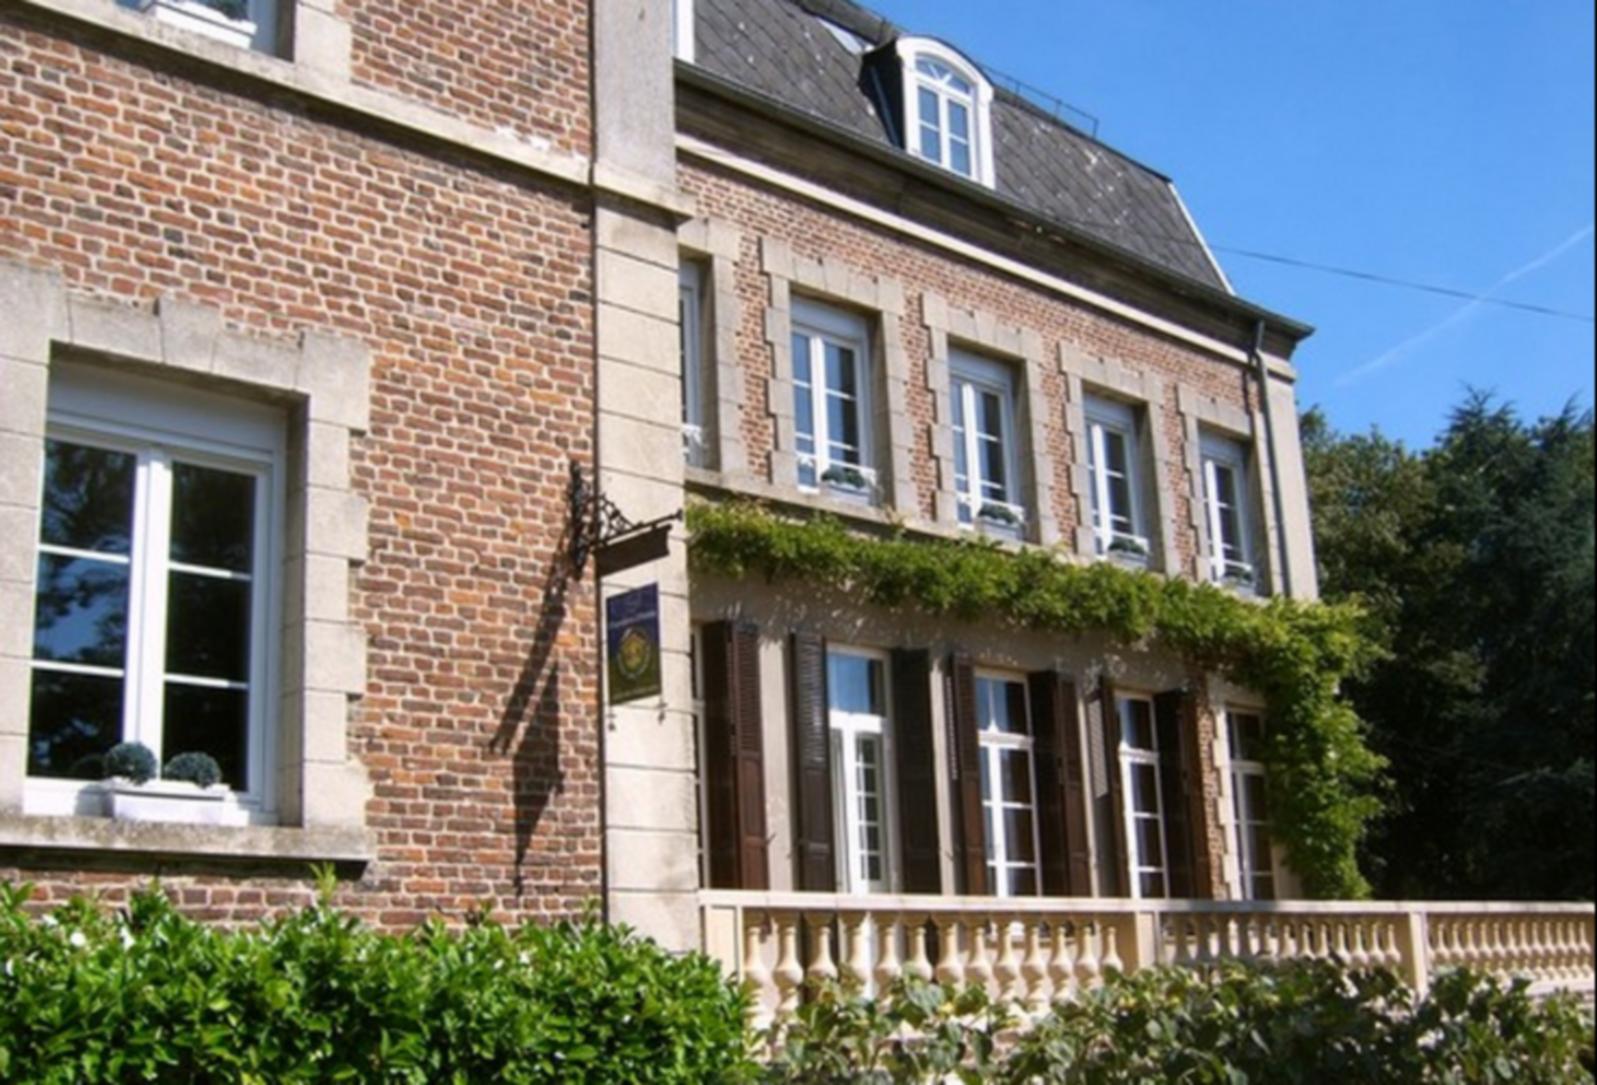 A brick building at  Clos Saint Georges.